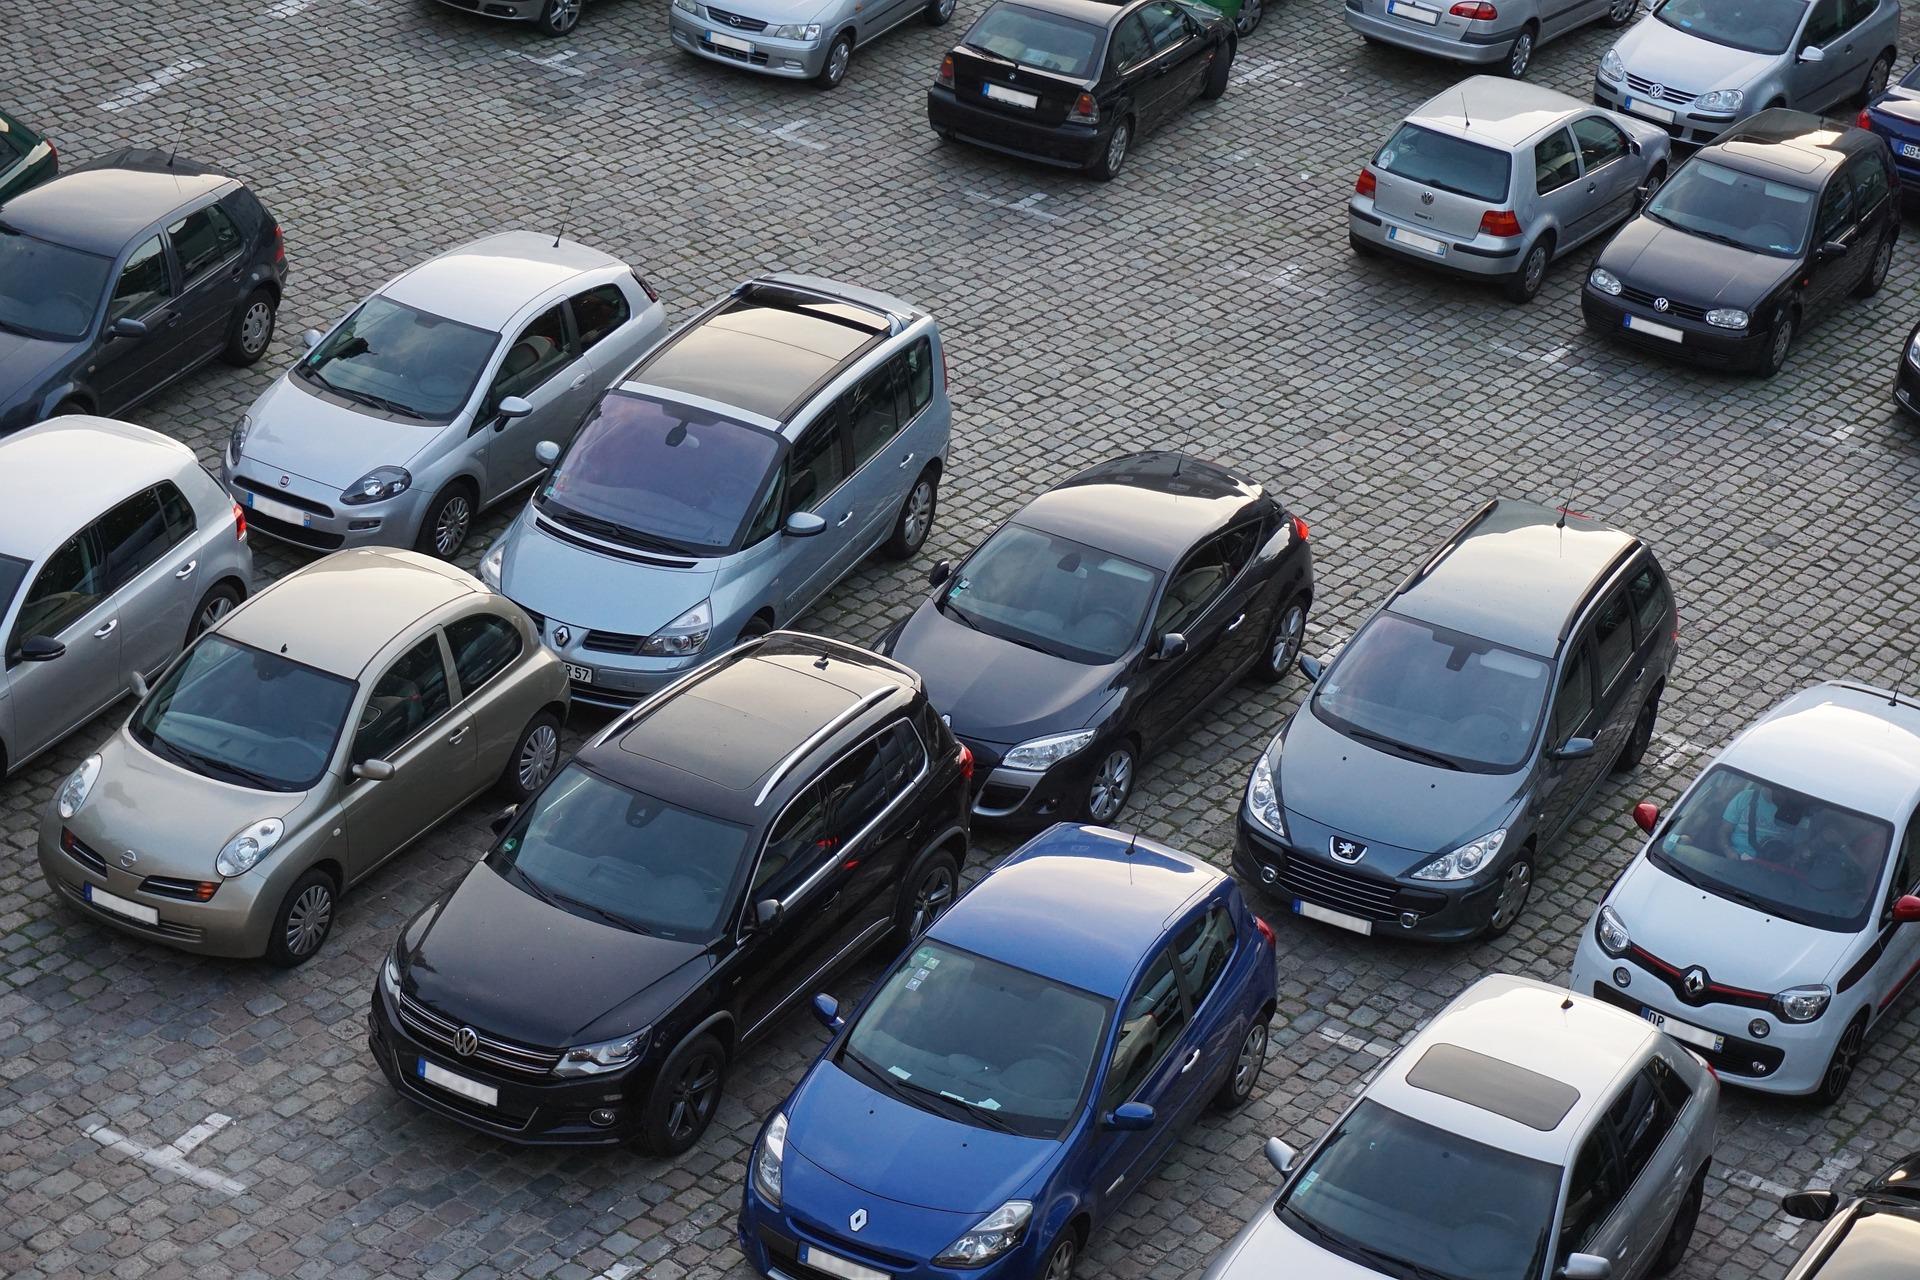 E-R, posticipato al 30 giugno 2020 il pagamento del bollo auto in scadenza nei mesi di marzo e aprile